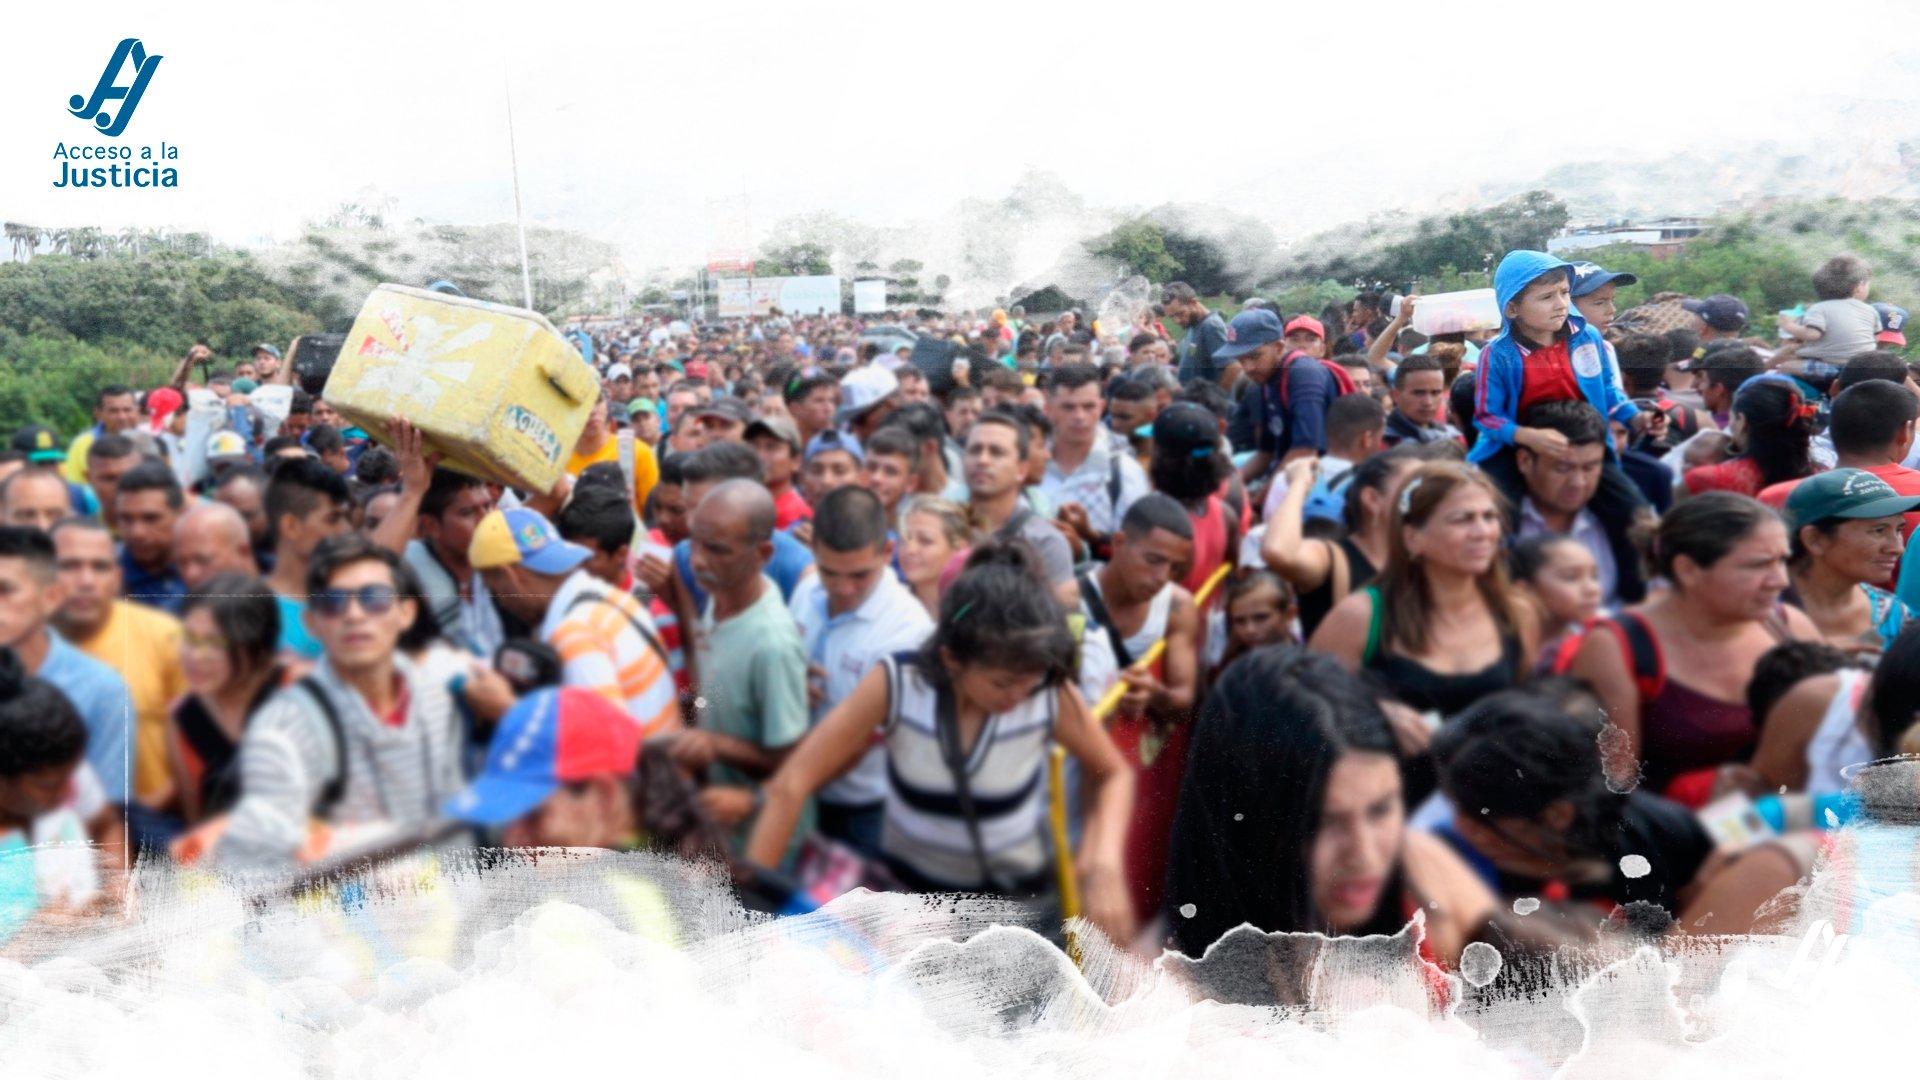 AN y países de la región intentan dar respuesta institucional a la crisis migratoria